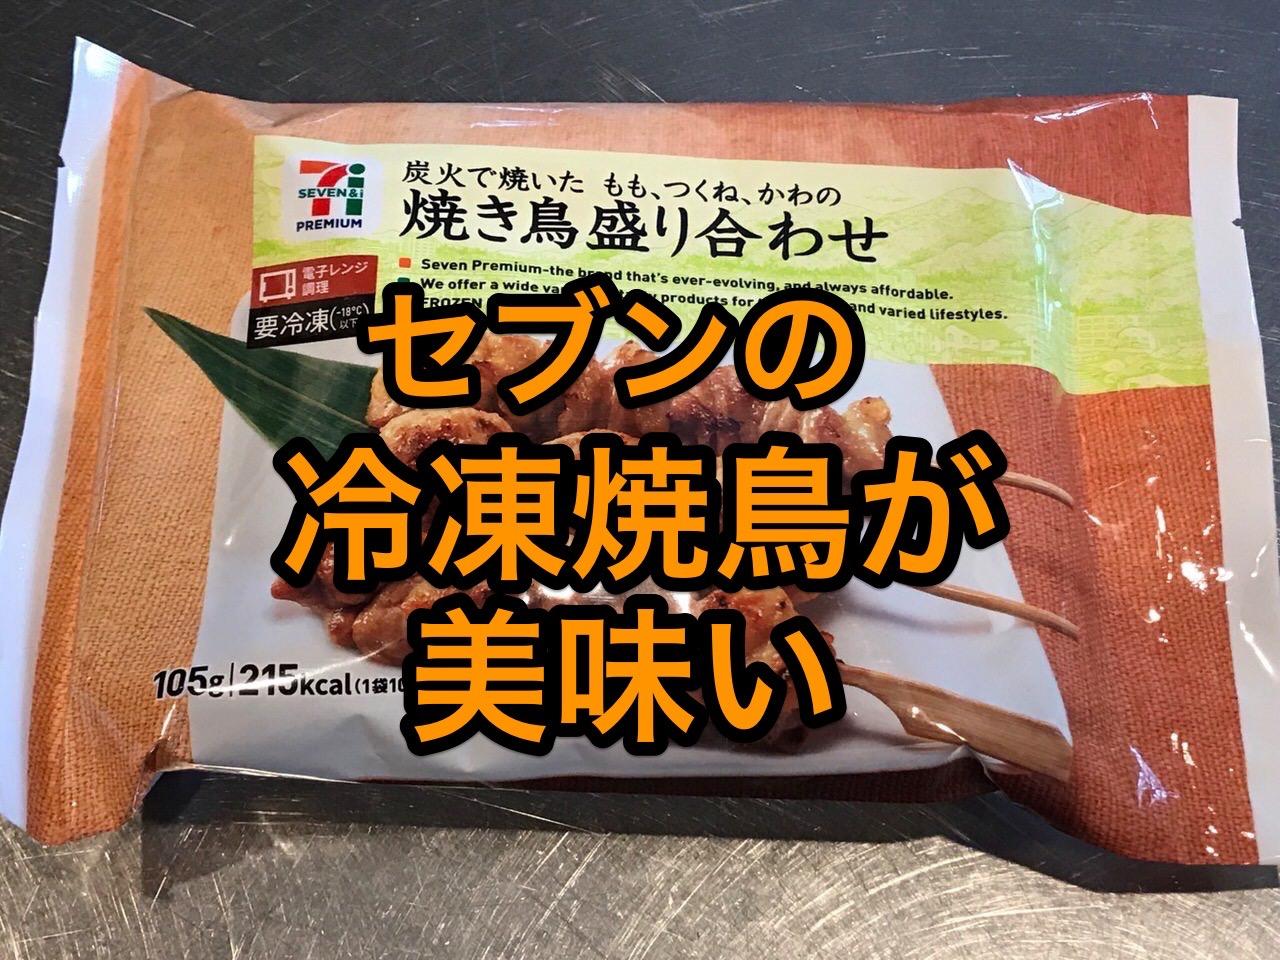 【セブンイレブン】冷凍食品「焼き鳥 盛り合わせ」257円で美味